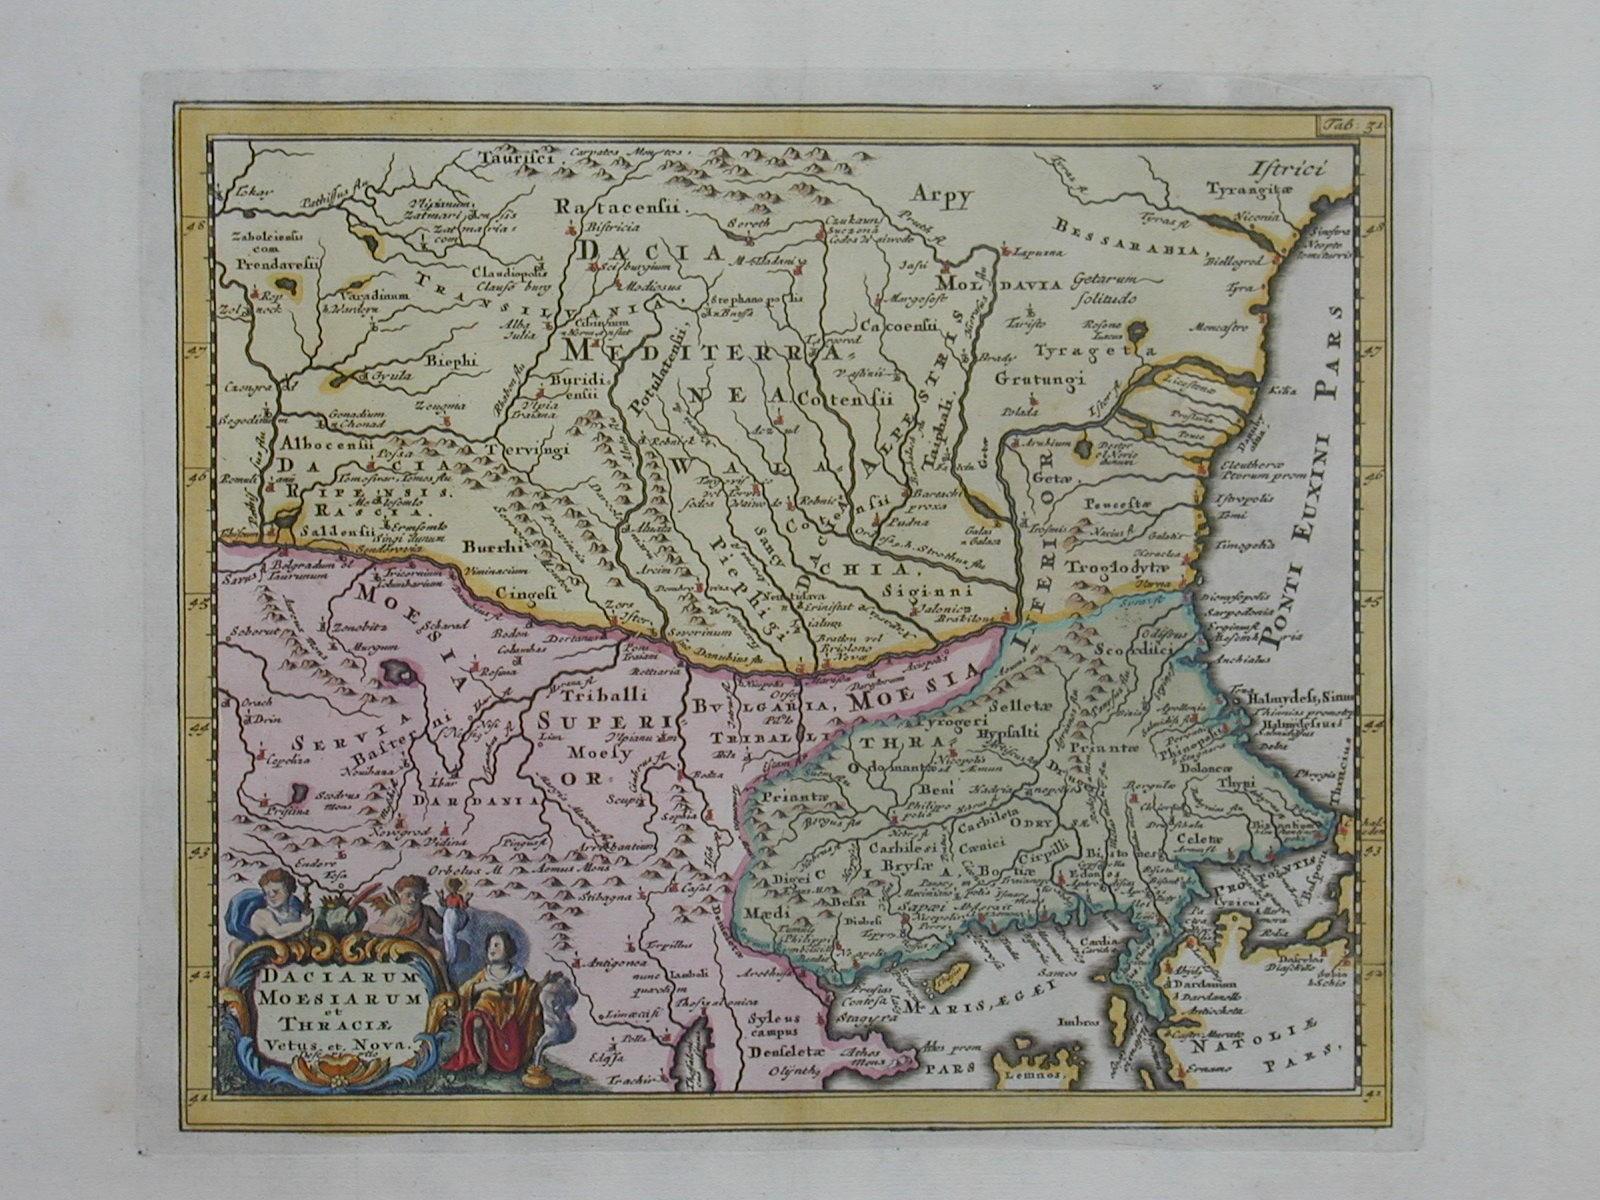 Albo Architetti Messina vialibri ~ rare books from 1650 - page 22